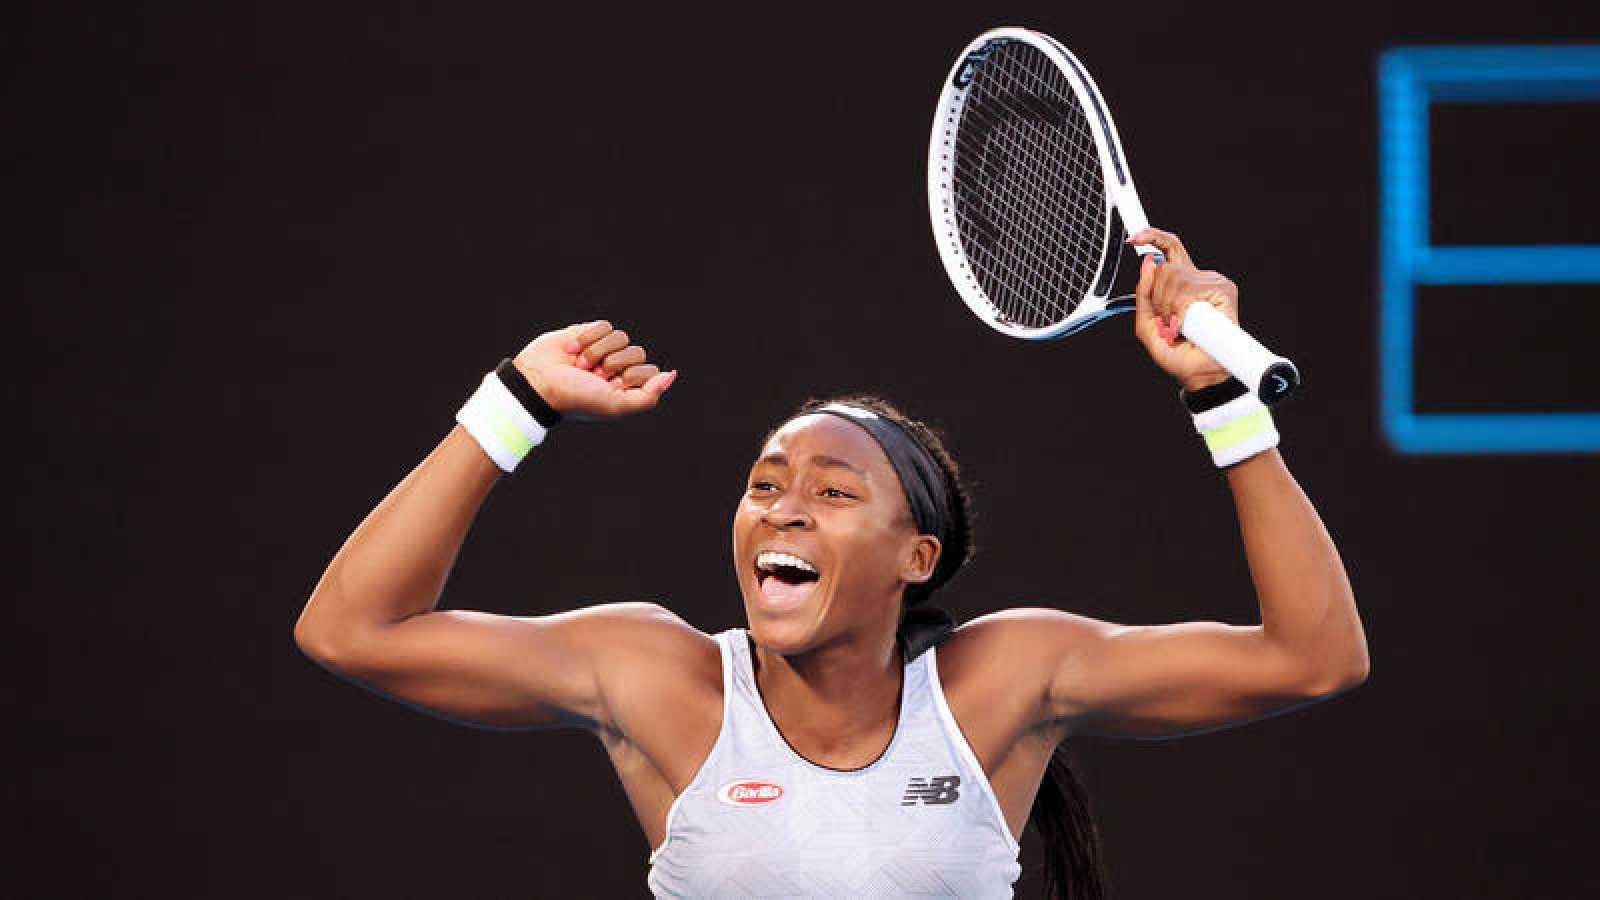 La joven tenista estadounidense Coco Gauff celebra su victoria ante la japonesa Naomi Osaka en Melbourne.